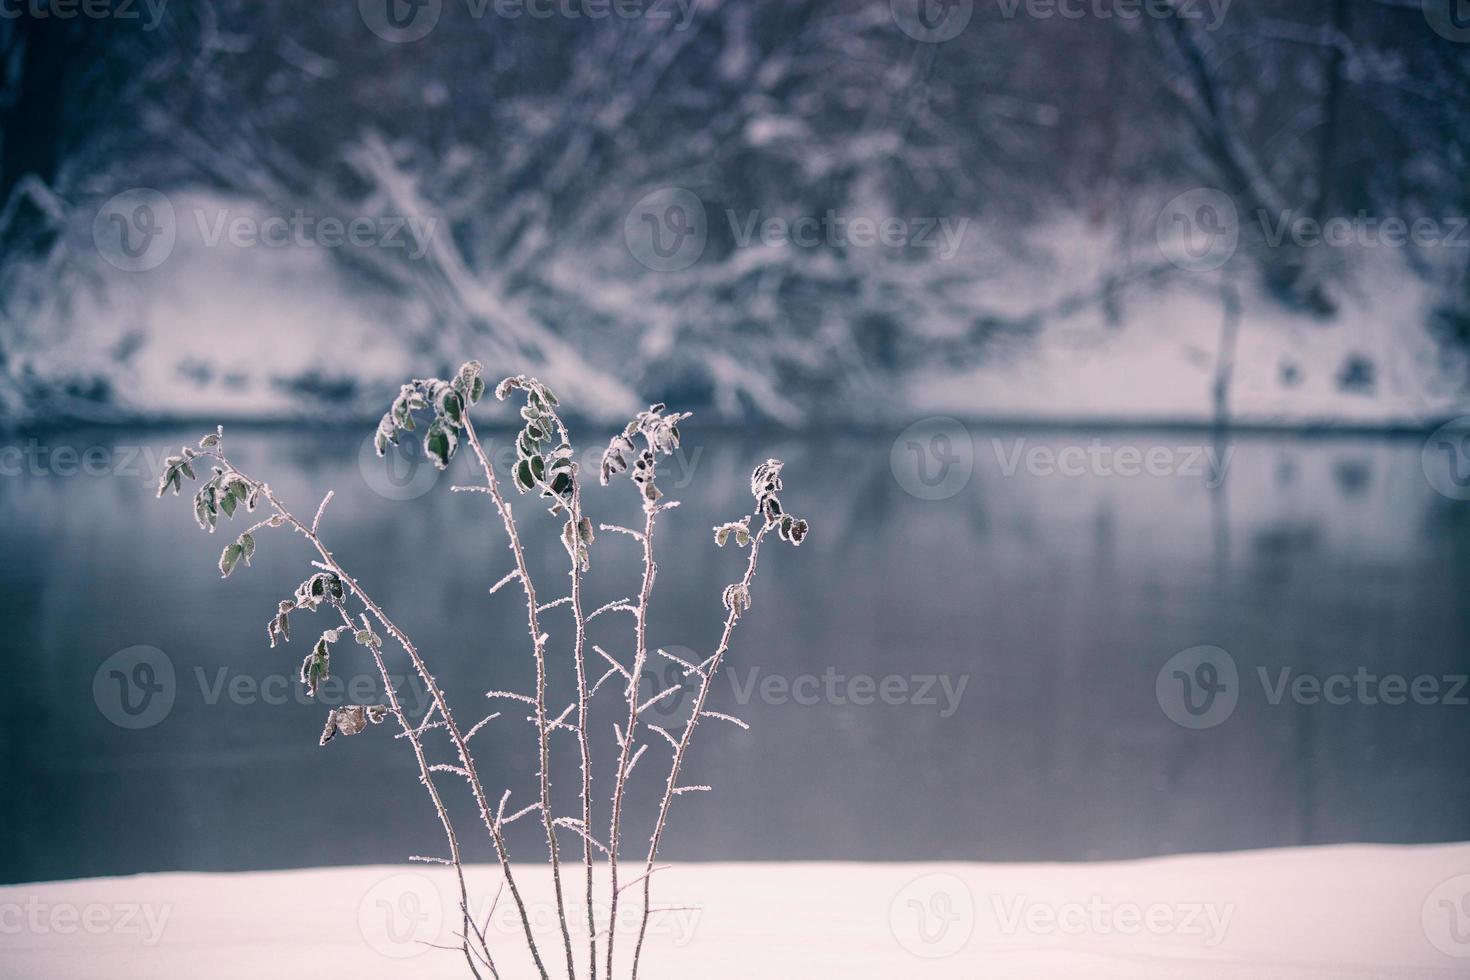 neve e inverno. vila da bielorrússia, zona rural no inverno foto